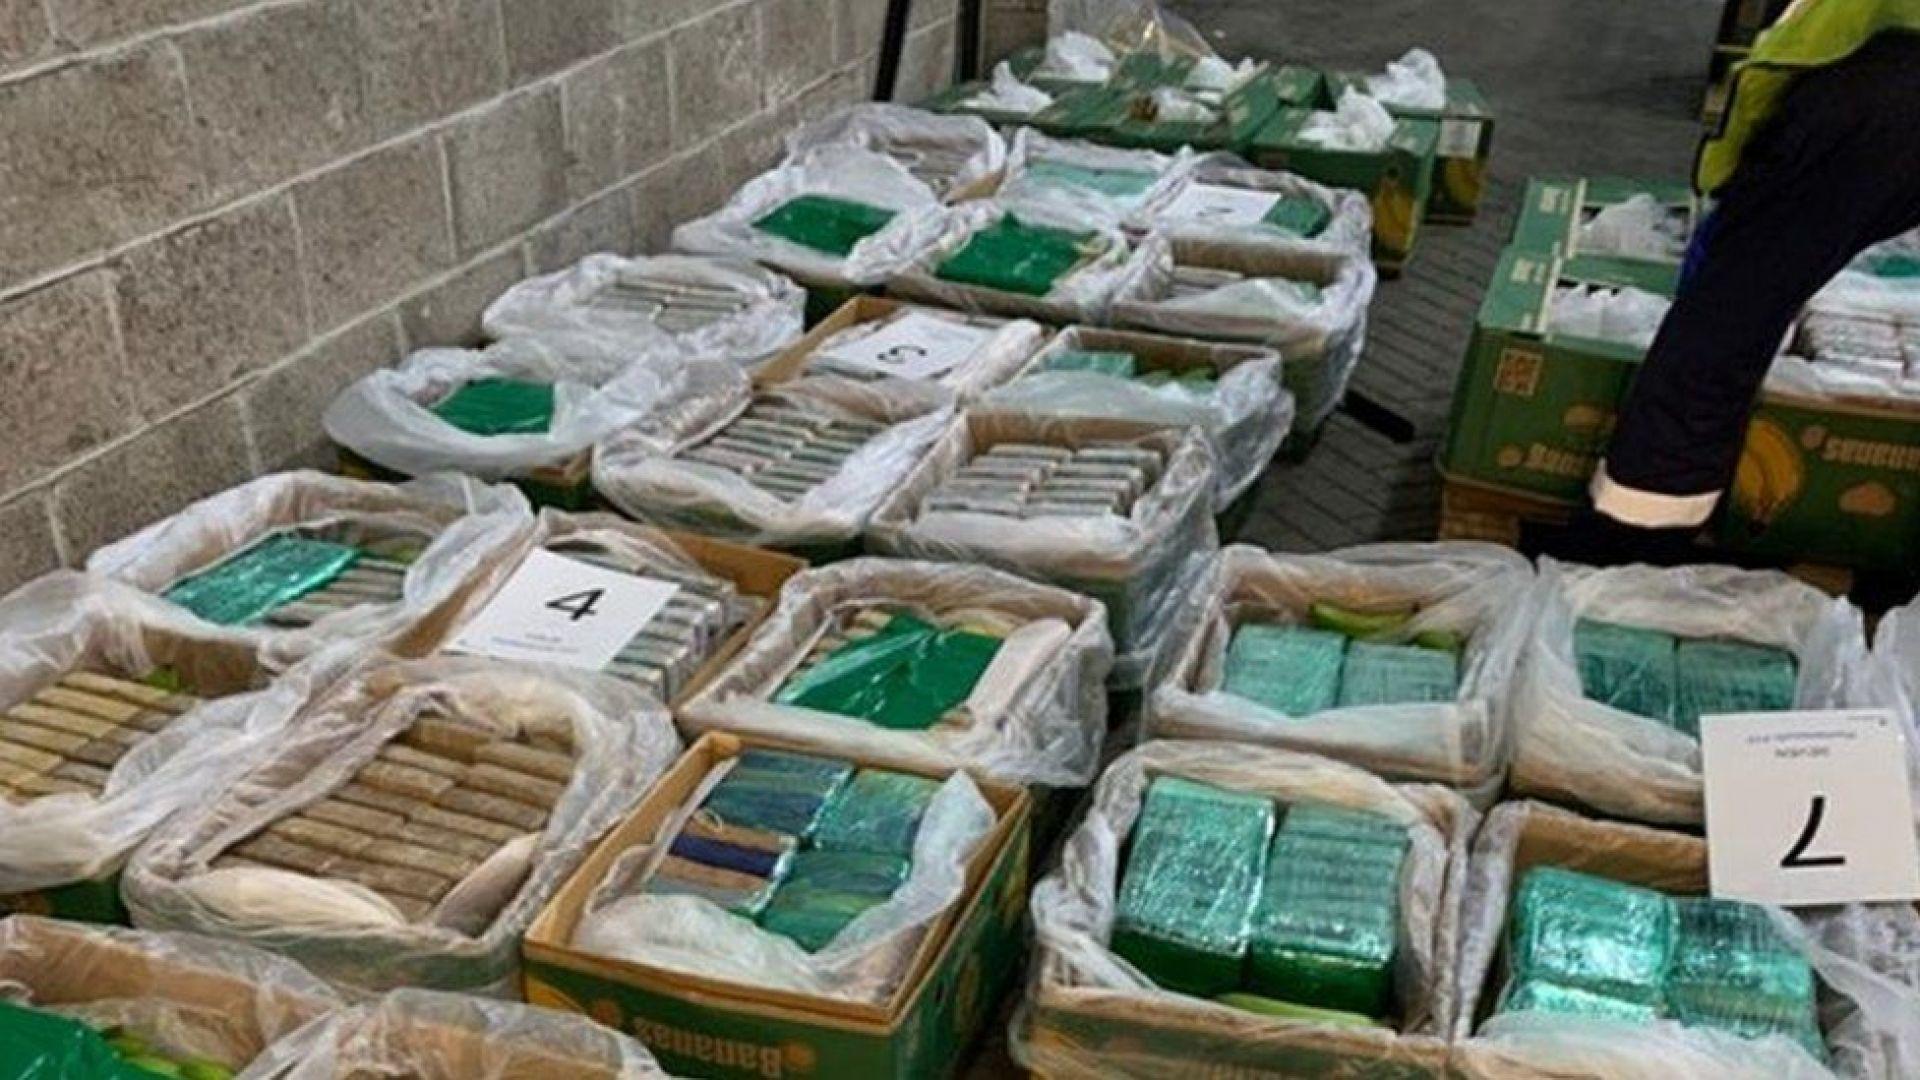 Британската полиция откри в кашони с банани кокаин за 250 млн. долара